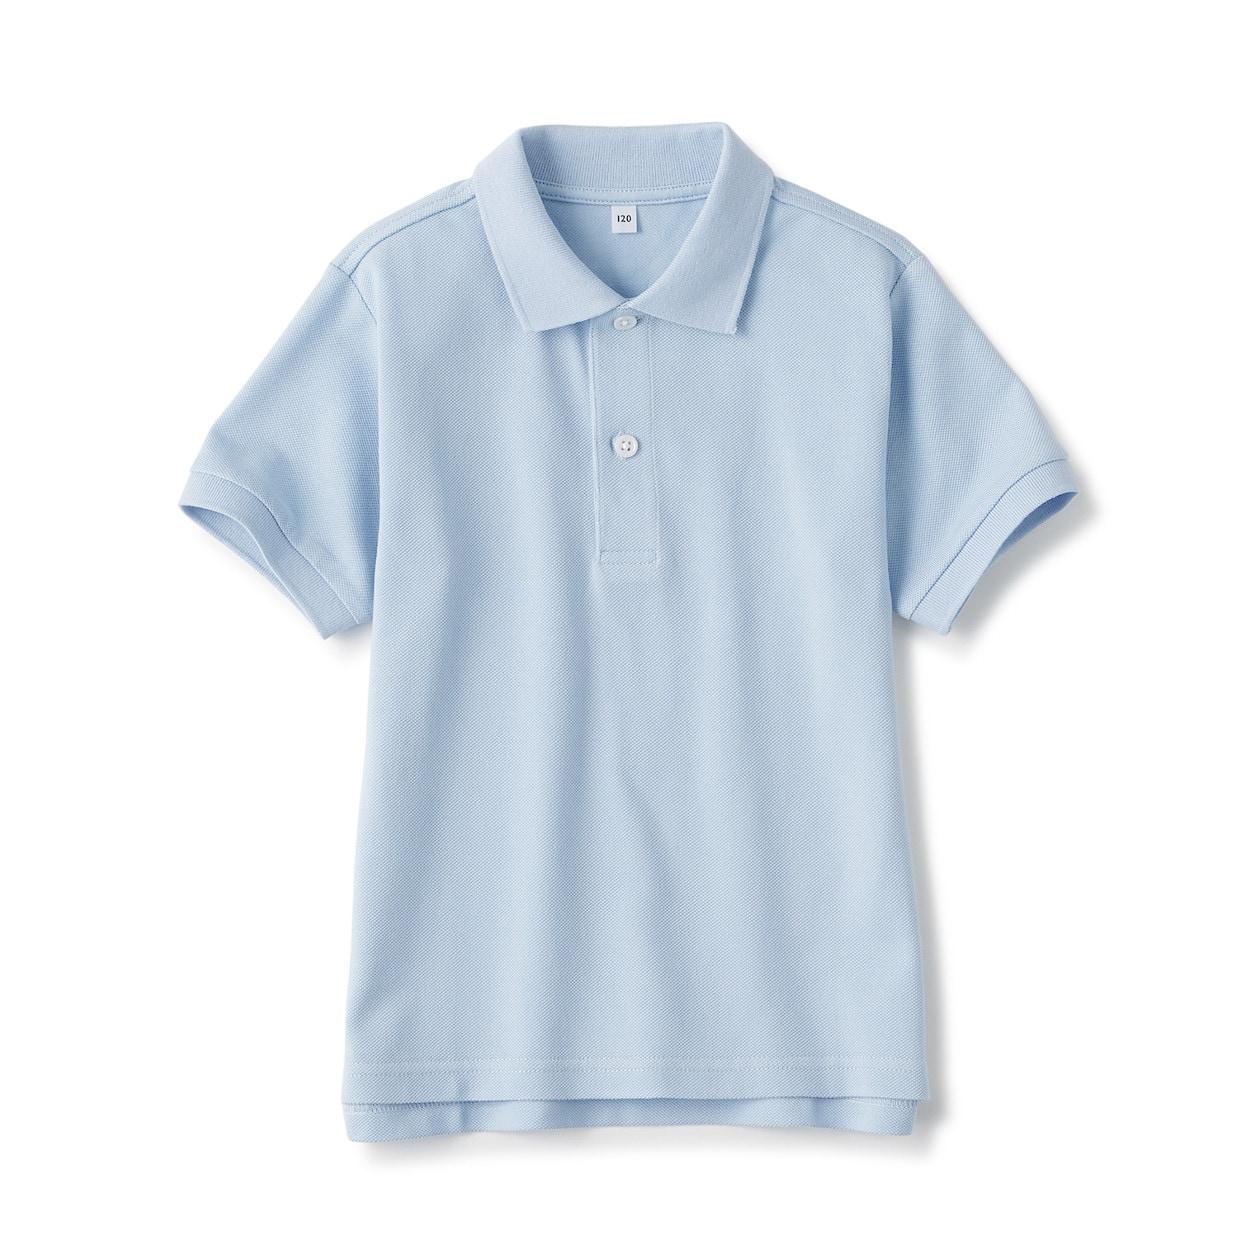 無印 良品 ポロシャツ ポロシャツ Tシャツ・カットソー(半袖)